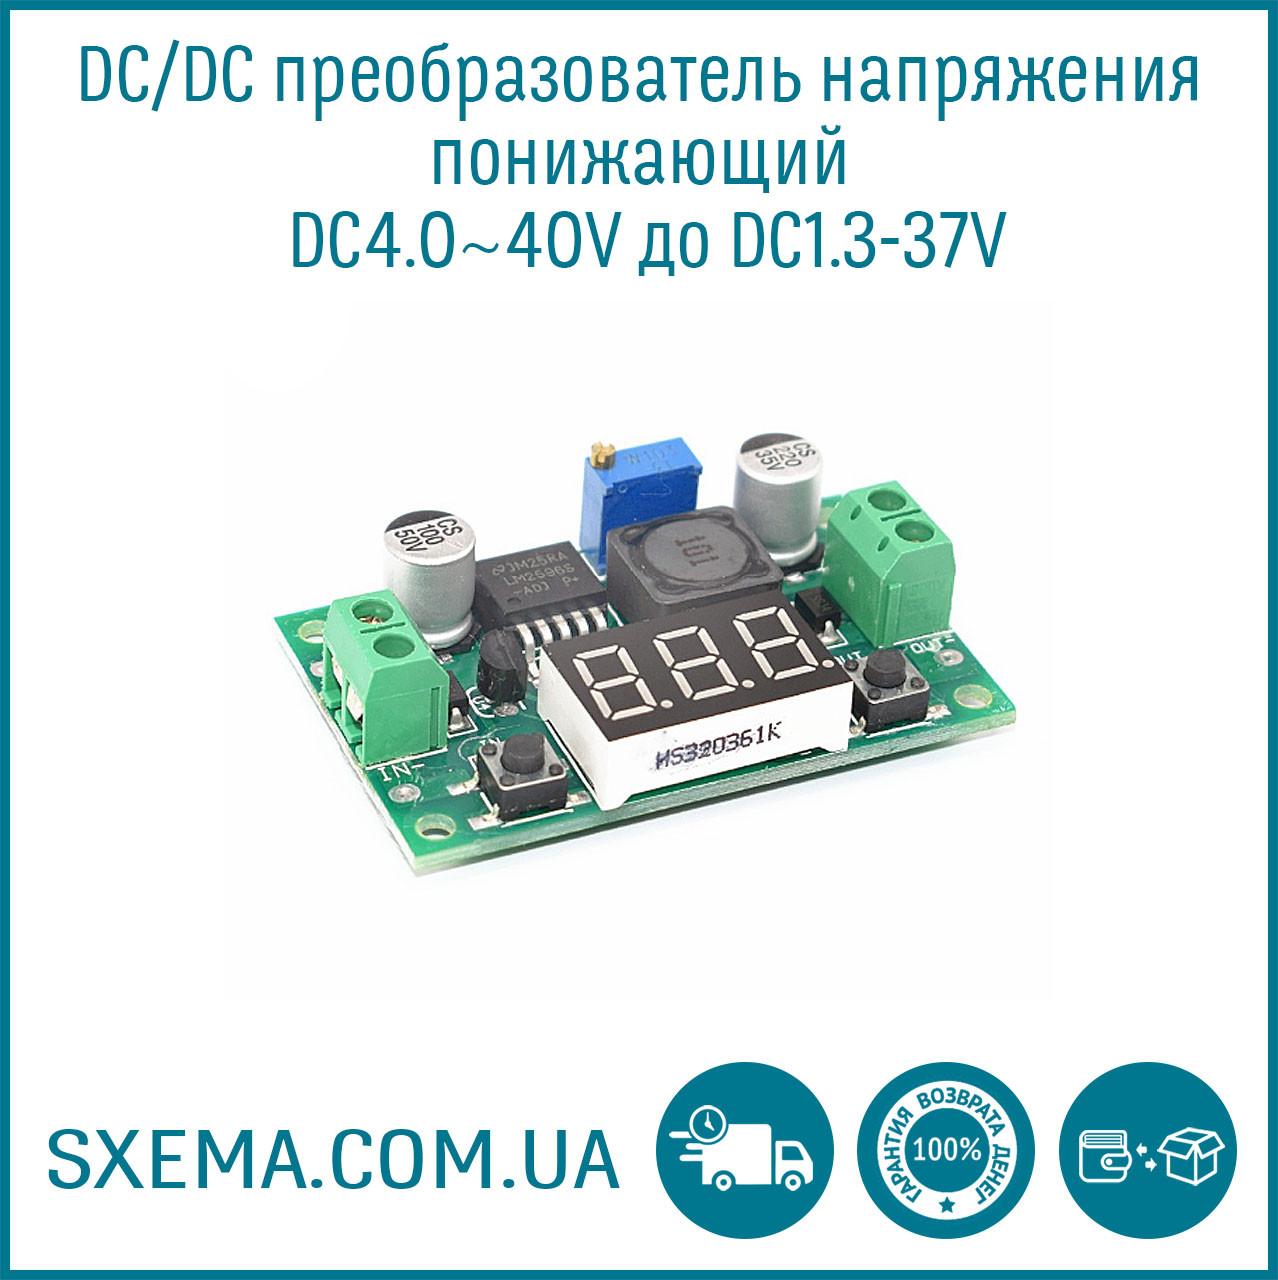 DC/DC перетворювач напруги понижуючий DC4.0~40V до DC1.3-37V з цифровим вольтметром LM2596